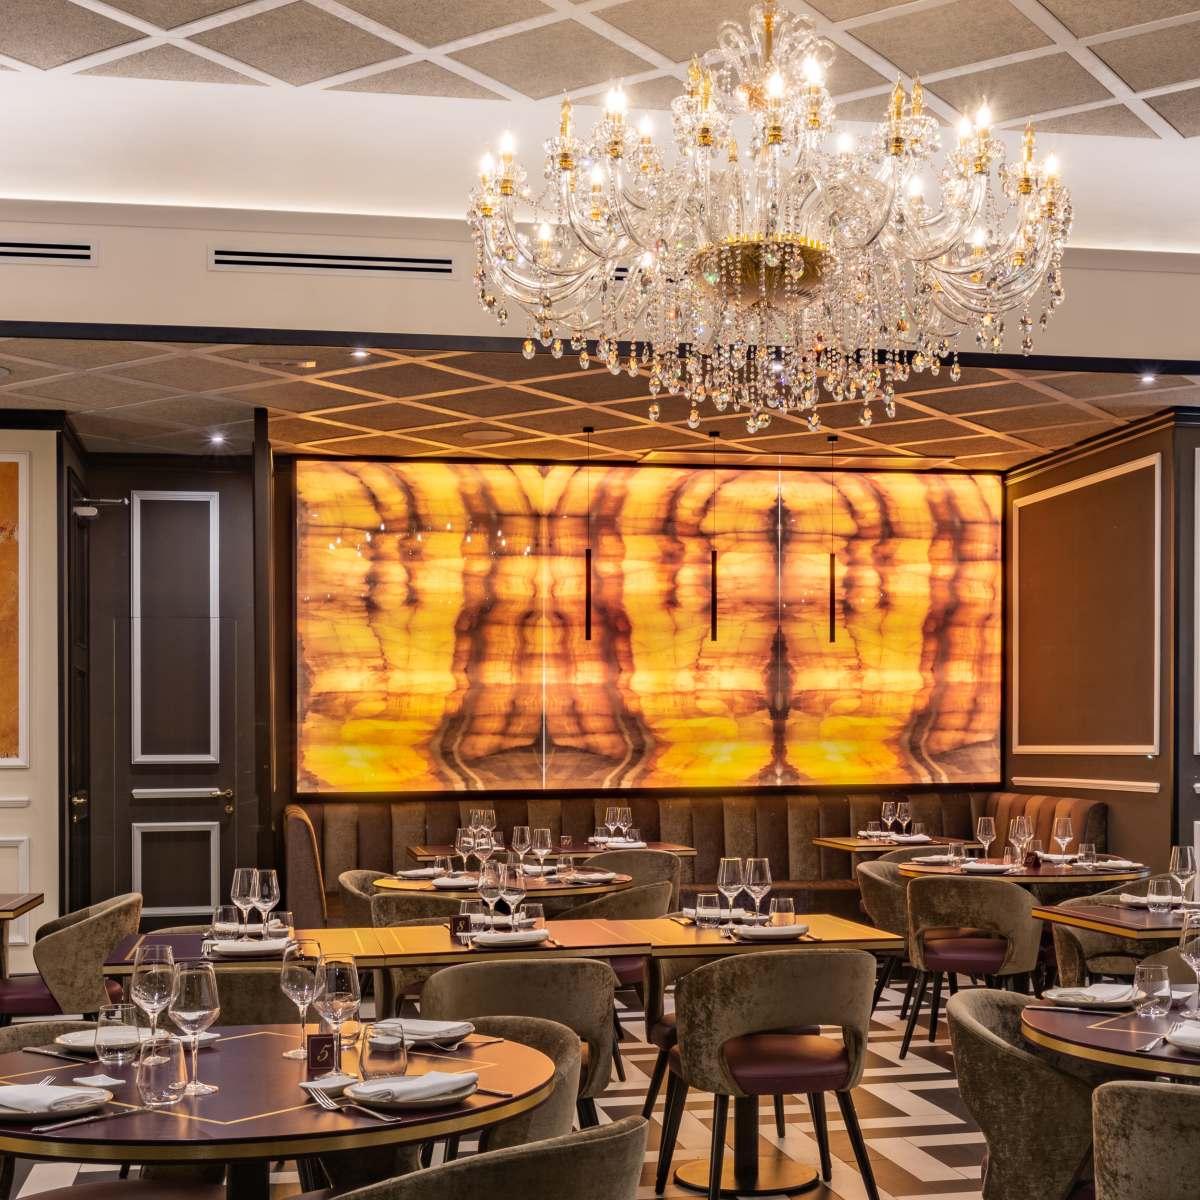 sala interna ristorante con tavoli in legno e sedie in velluto e lampadario di cristallo